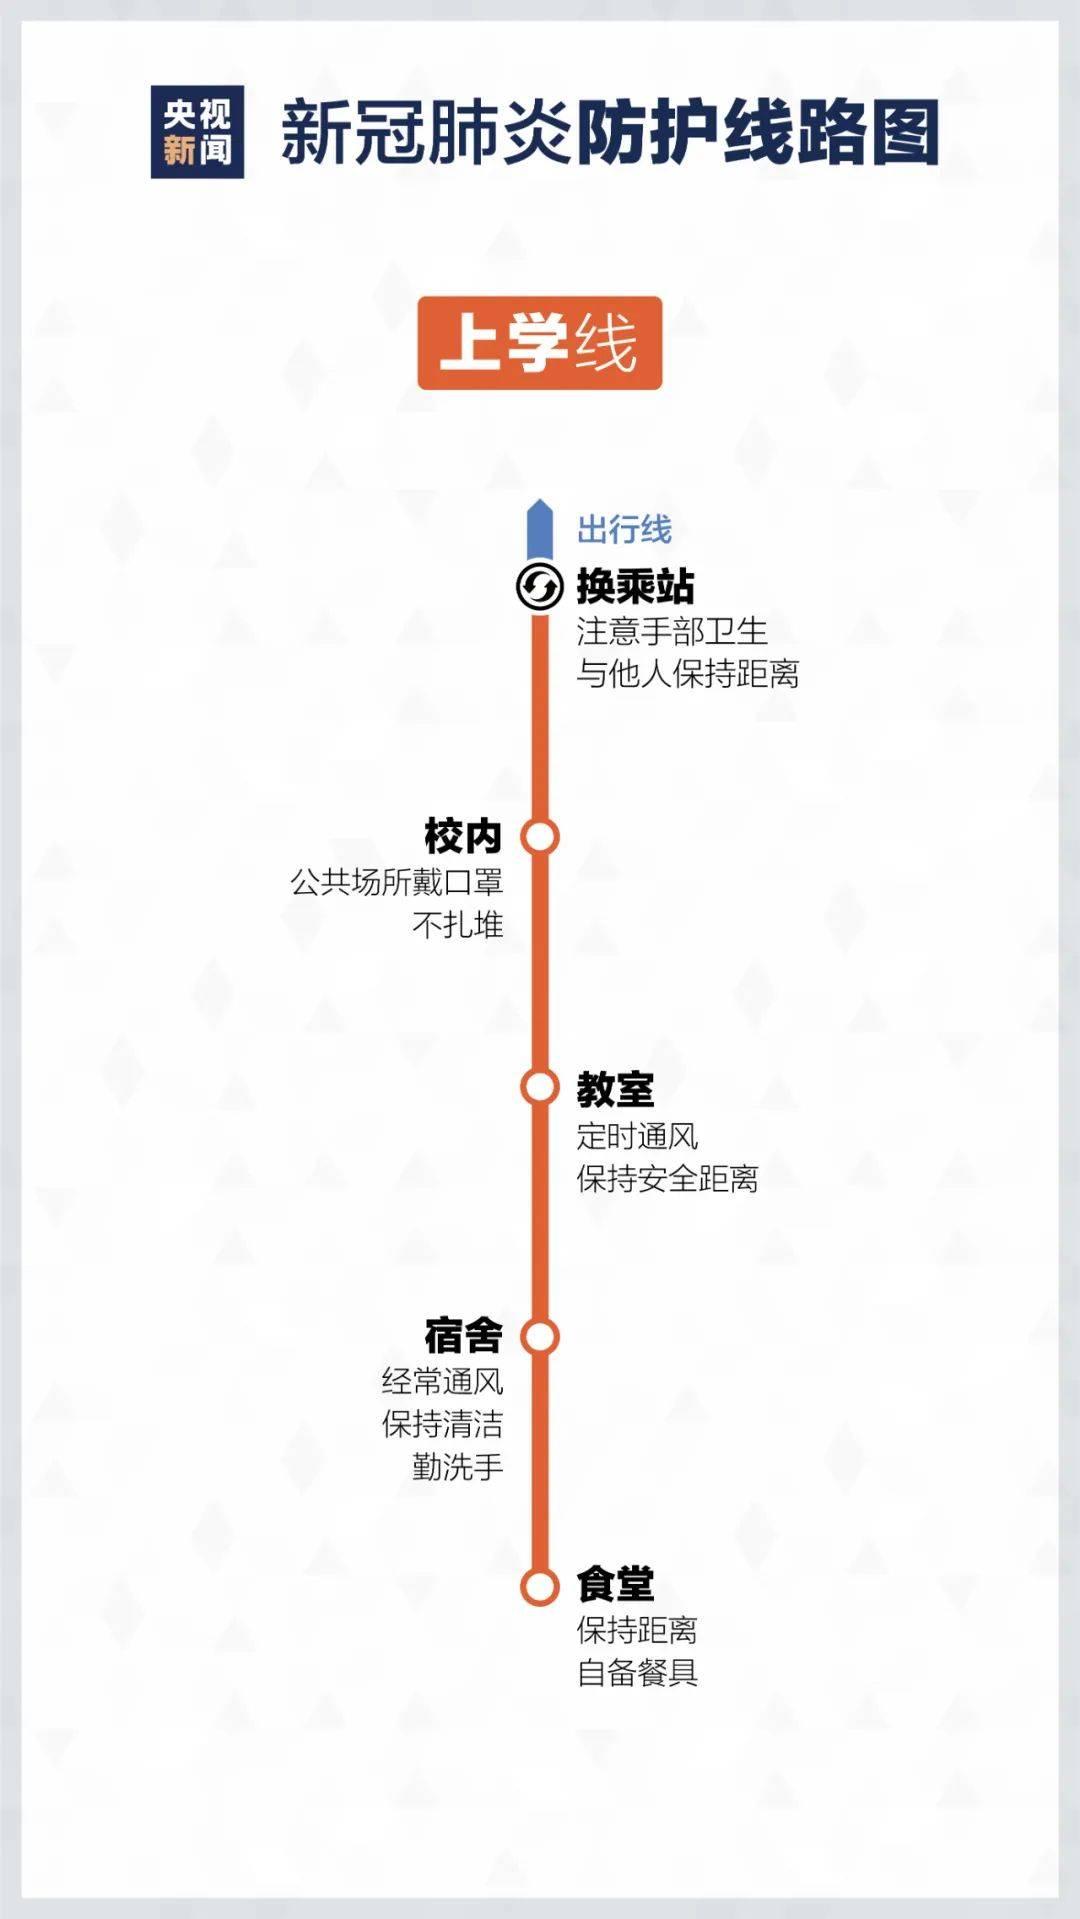 返乡人员如何划定?出行路上、春节返乡如何做好防护?